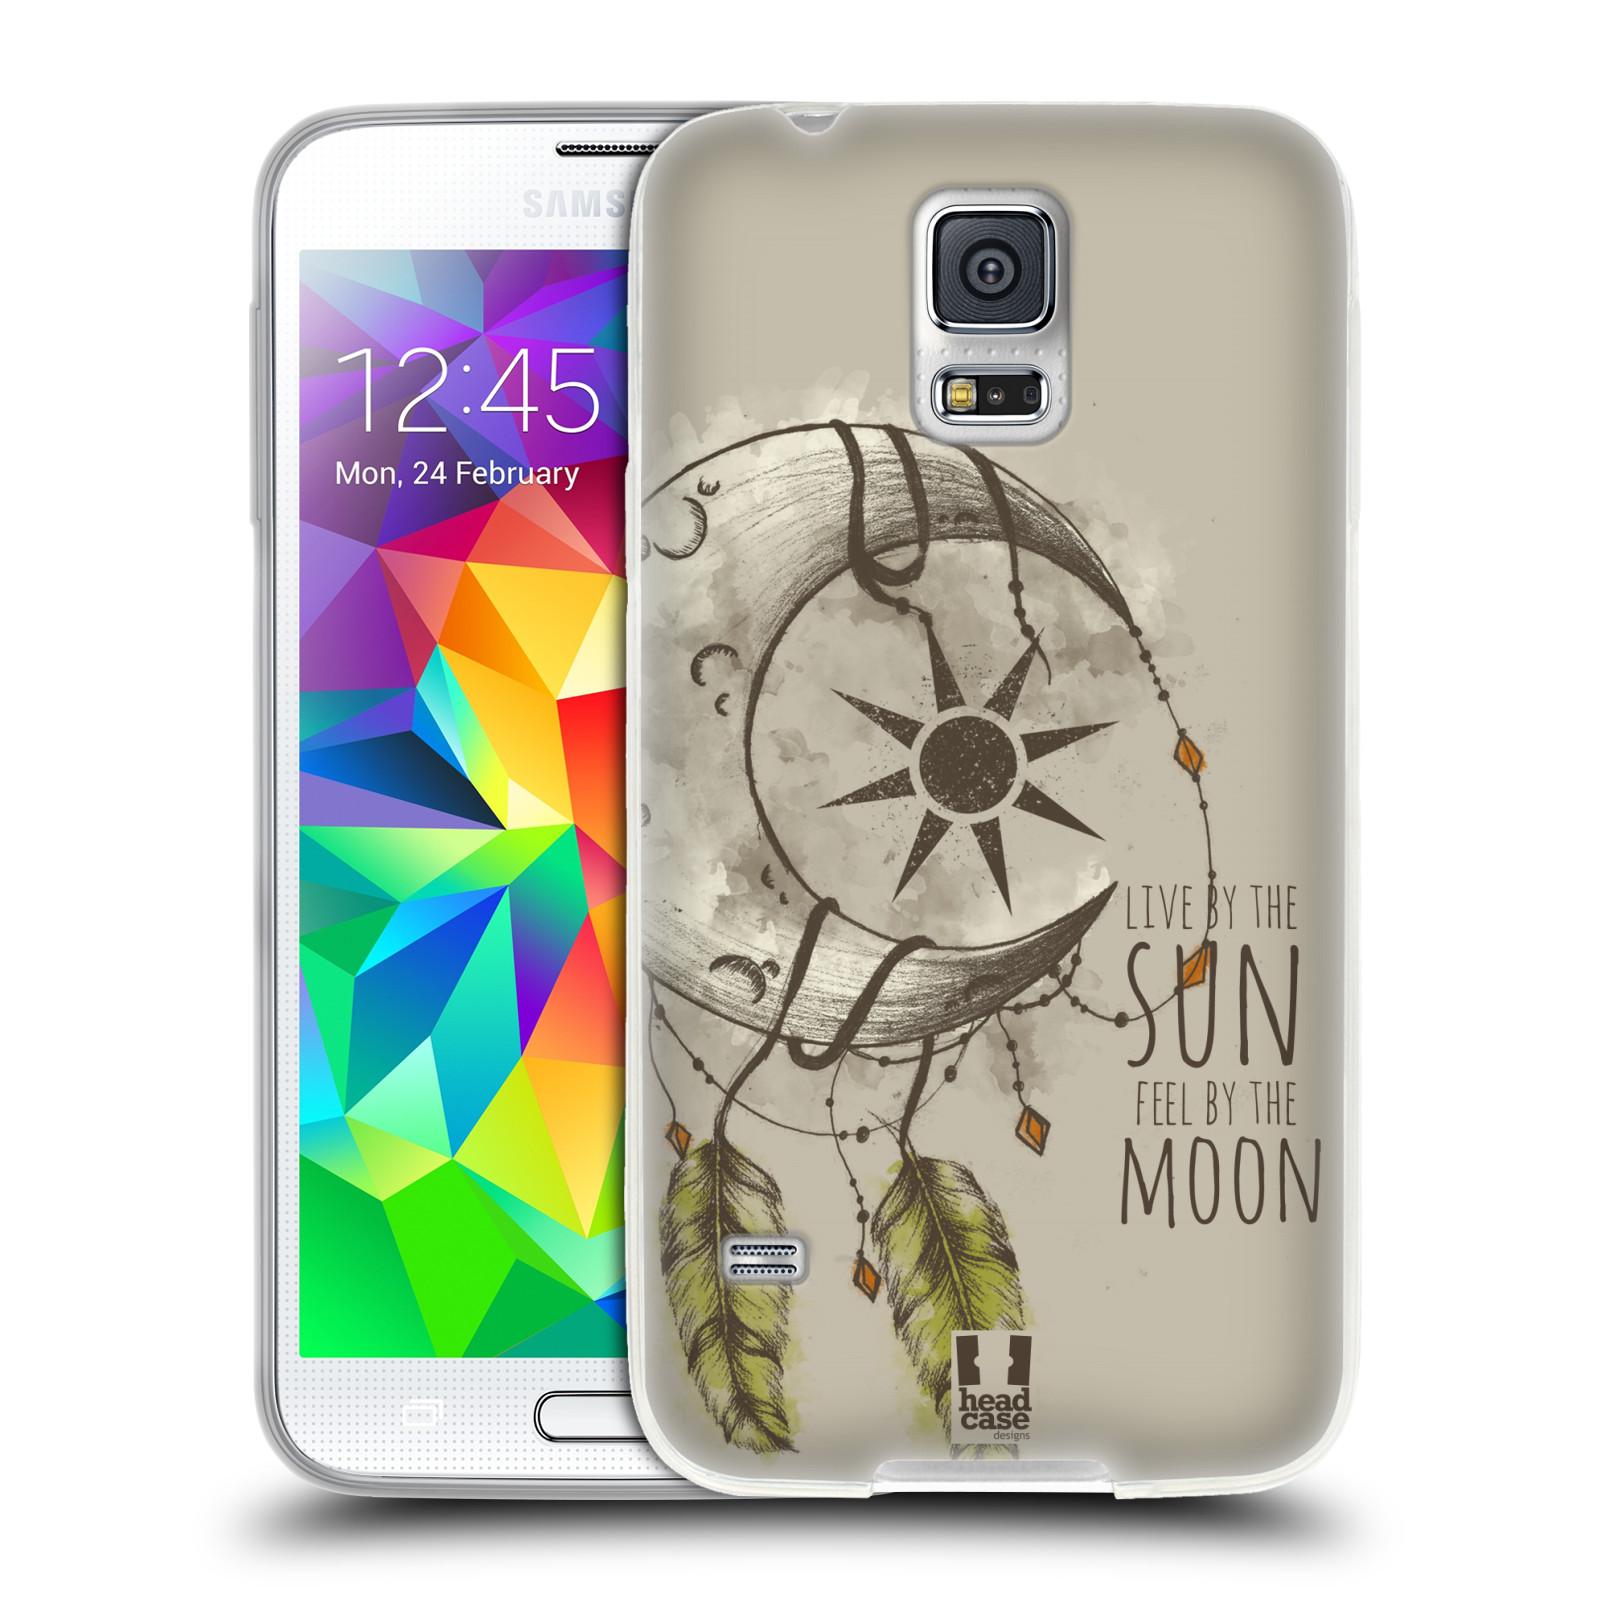 Silikonové pouzdro na mobil Samsung Galaxy S5 - Head Case - Bohémský lapač (Silikonový kryt či obal na mobilní telefon s motivem Bohemian Soul pro Samsung Galaxy S5 SM-G900F)